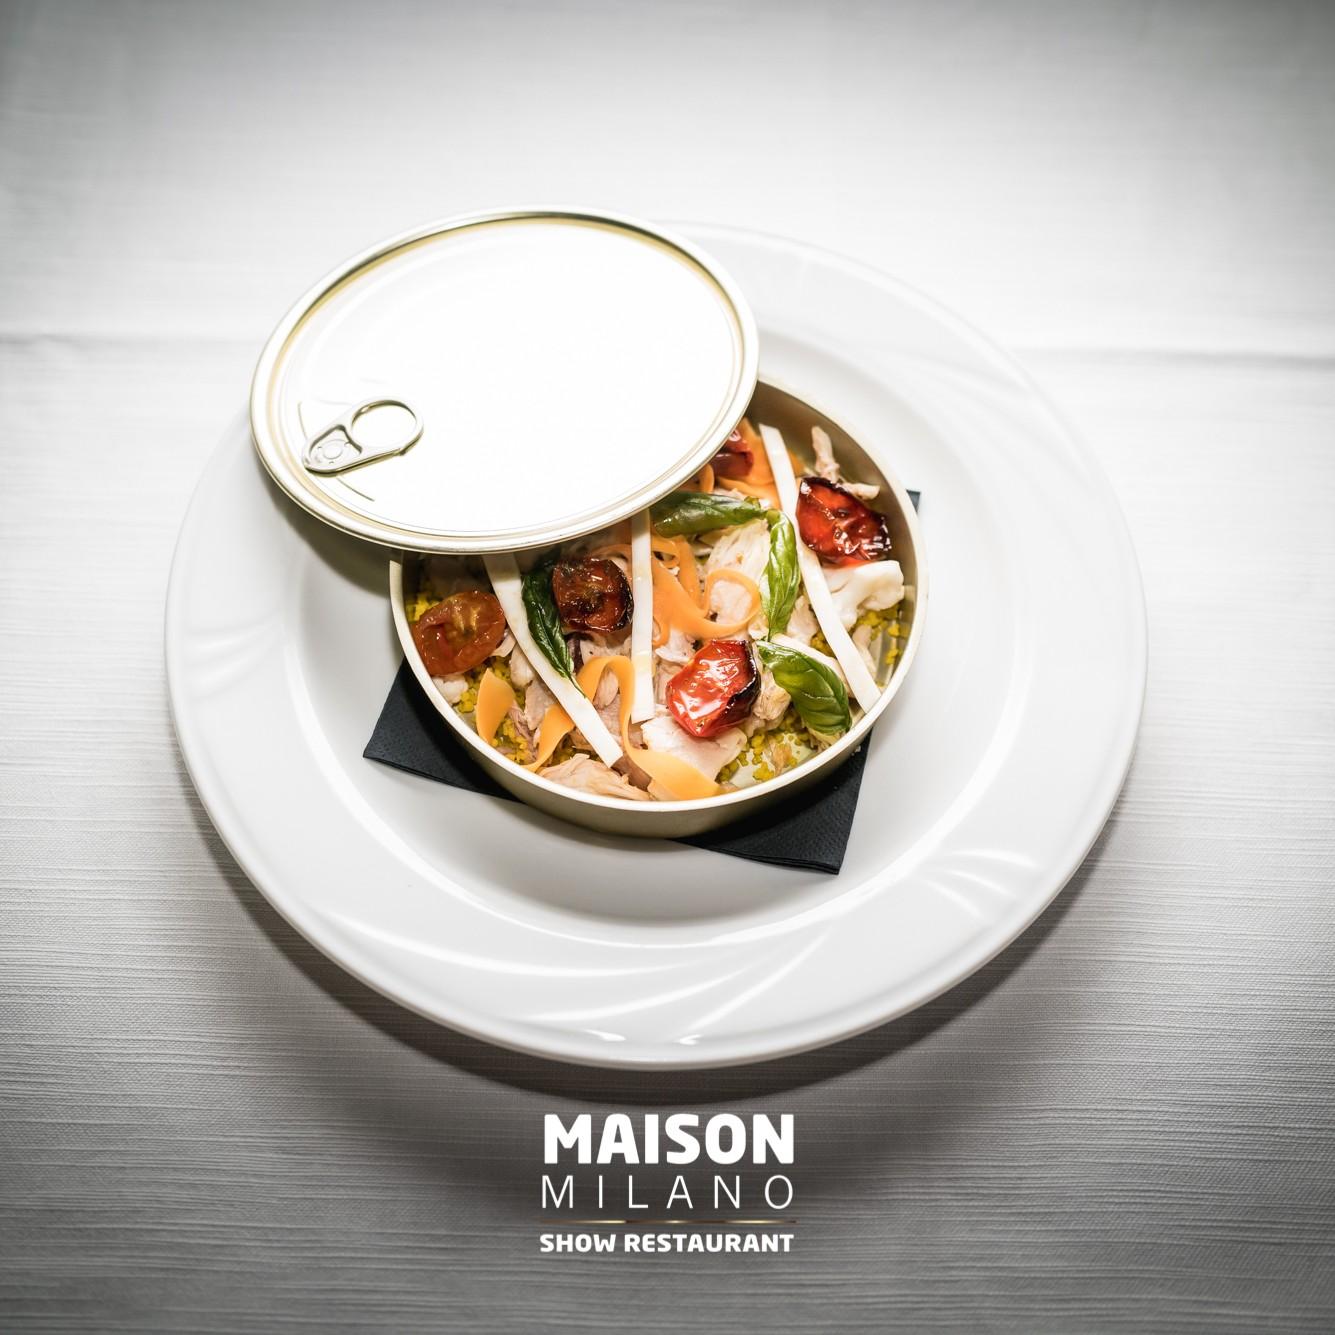 Maison Espana Cena Con Delitto photo gallery - maison milano